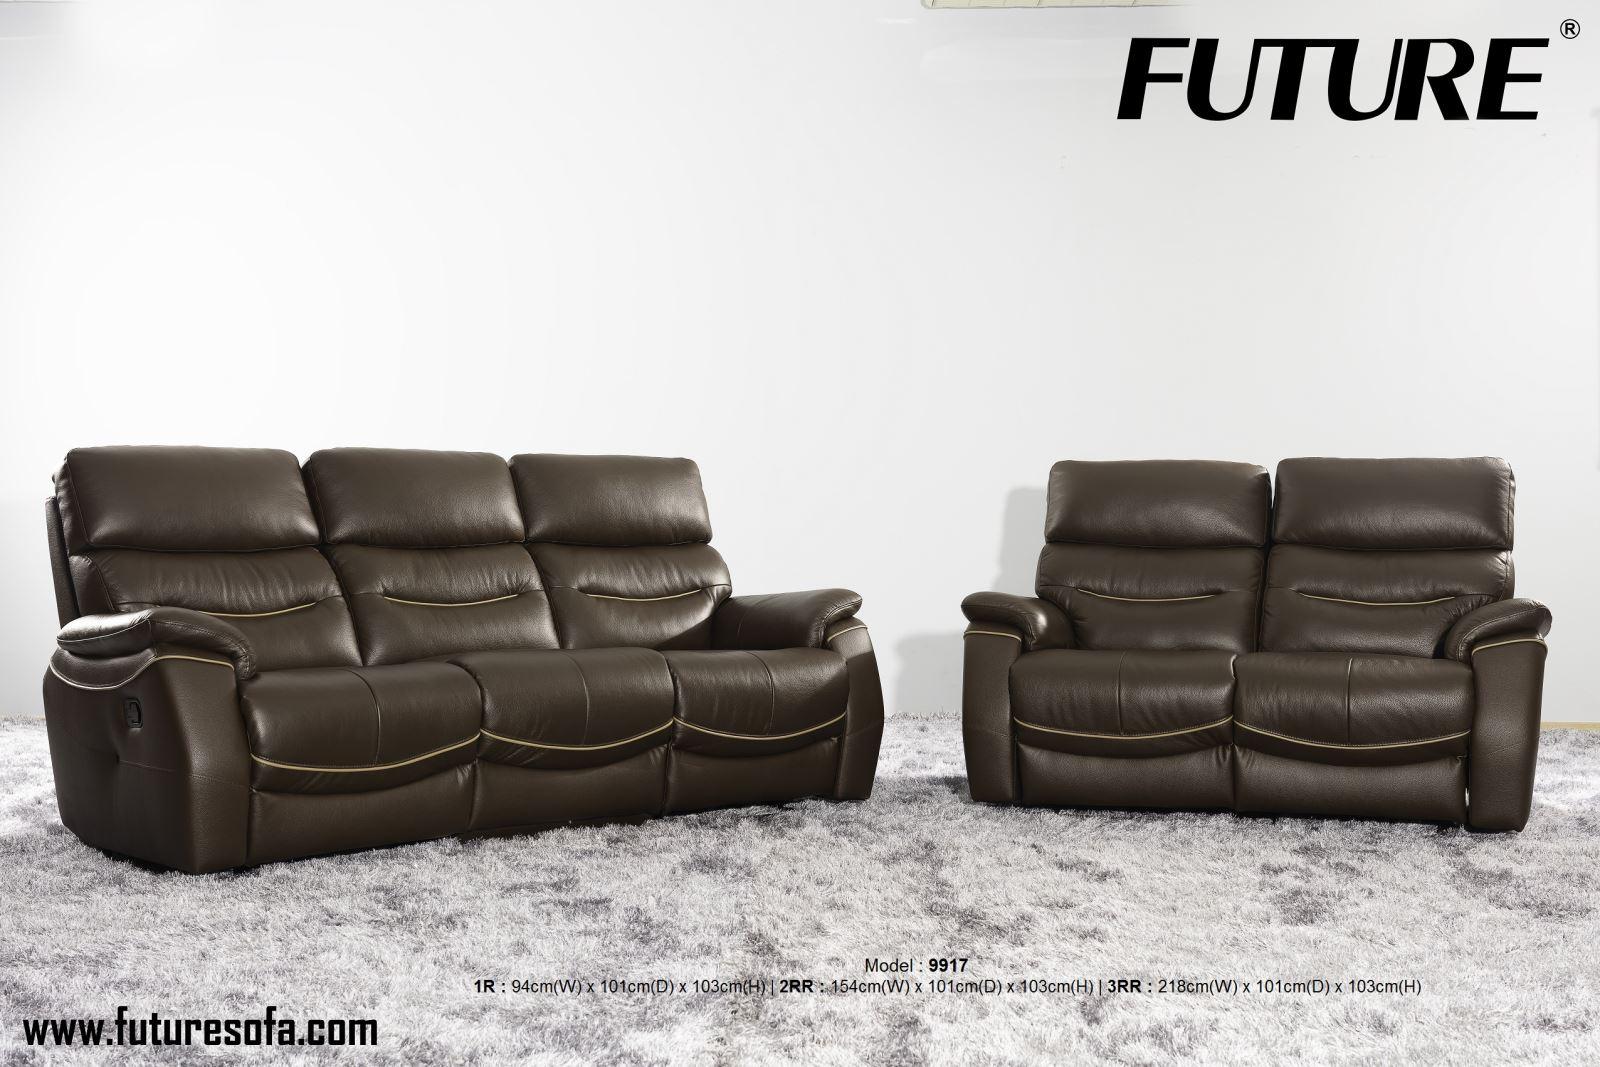 SOFA DA BÒ - FUTURE MODEL 9917